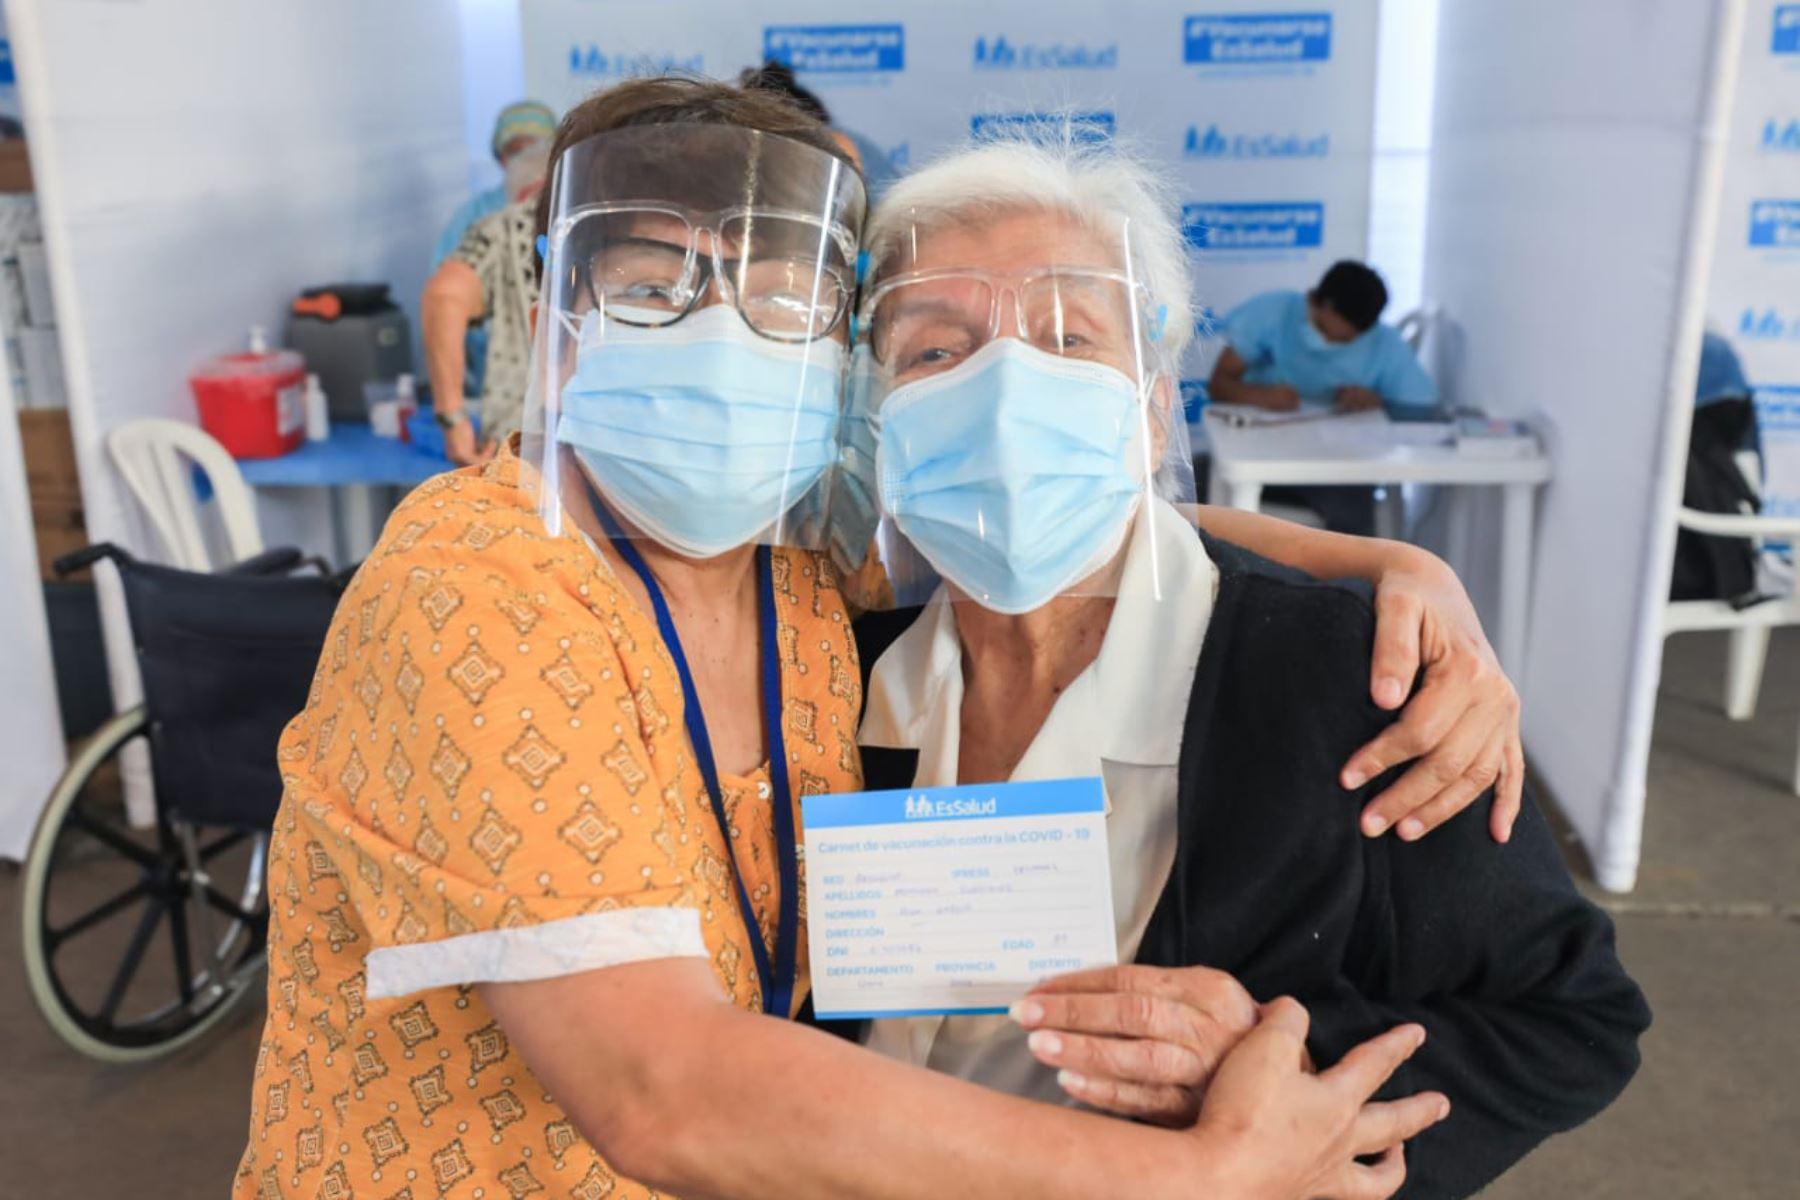 Los asegurados adultos mayores, de 85 años a más, previamente citados, siguen llegando a inmunizarse con la segunda dosis de la vacuna contra la covid-19, al vacunatorio de Plaza Norte. Foto: ANDINA/Essalud